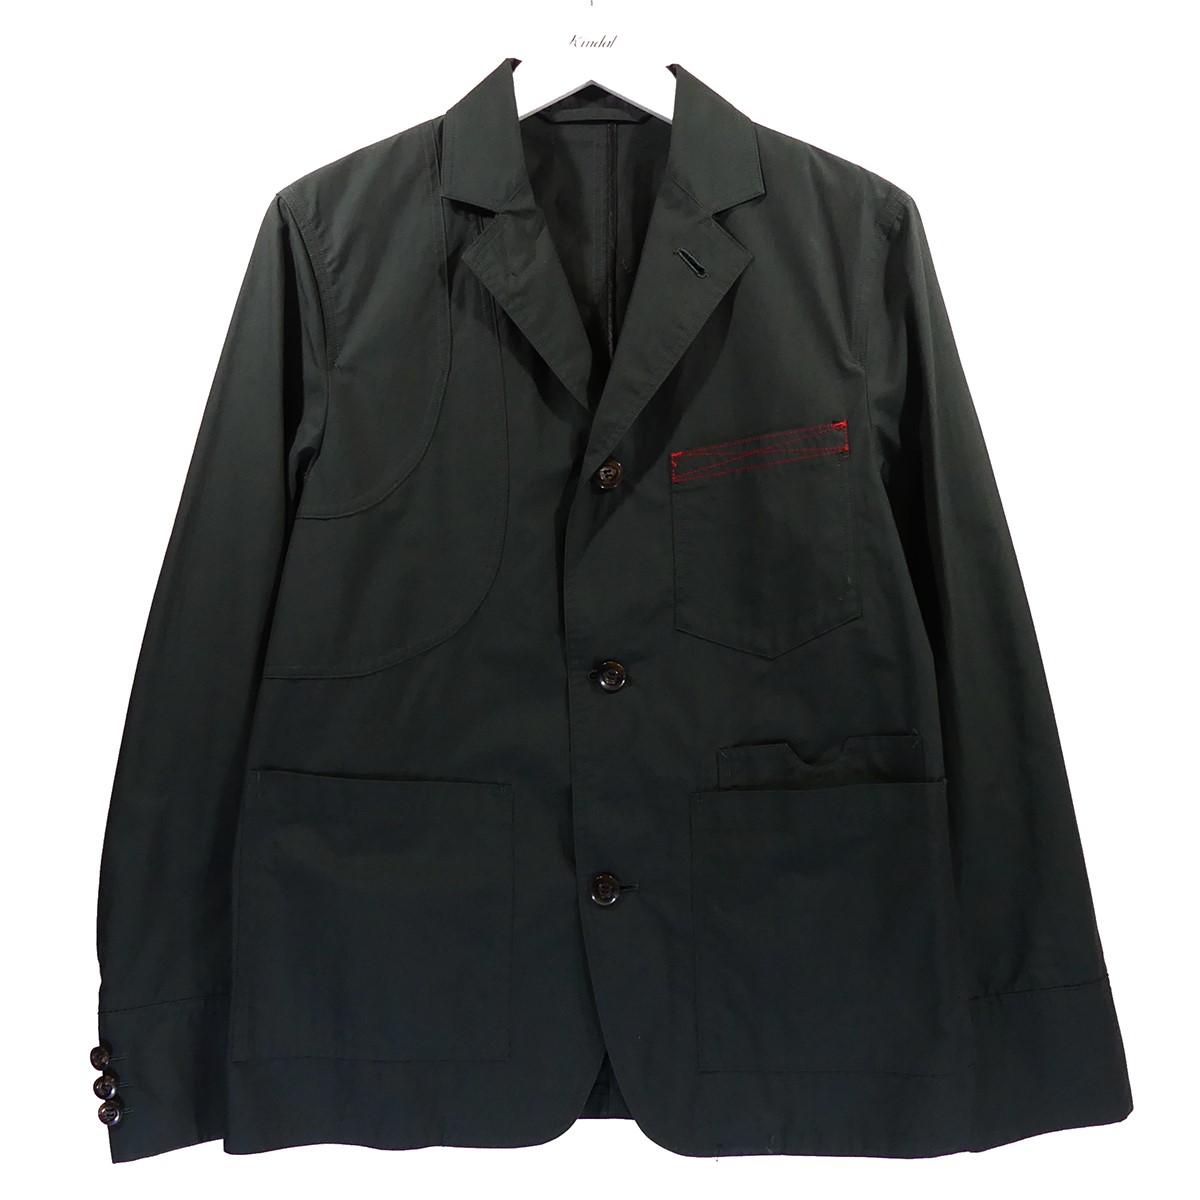 【中古】SYU.HOMME/FEMM 18SS コットンジャケット グリーン サイズ:1 【050720】(シュウ オム フェム)